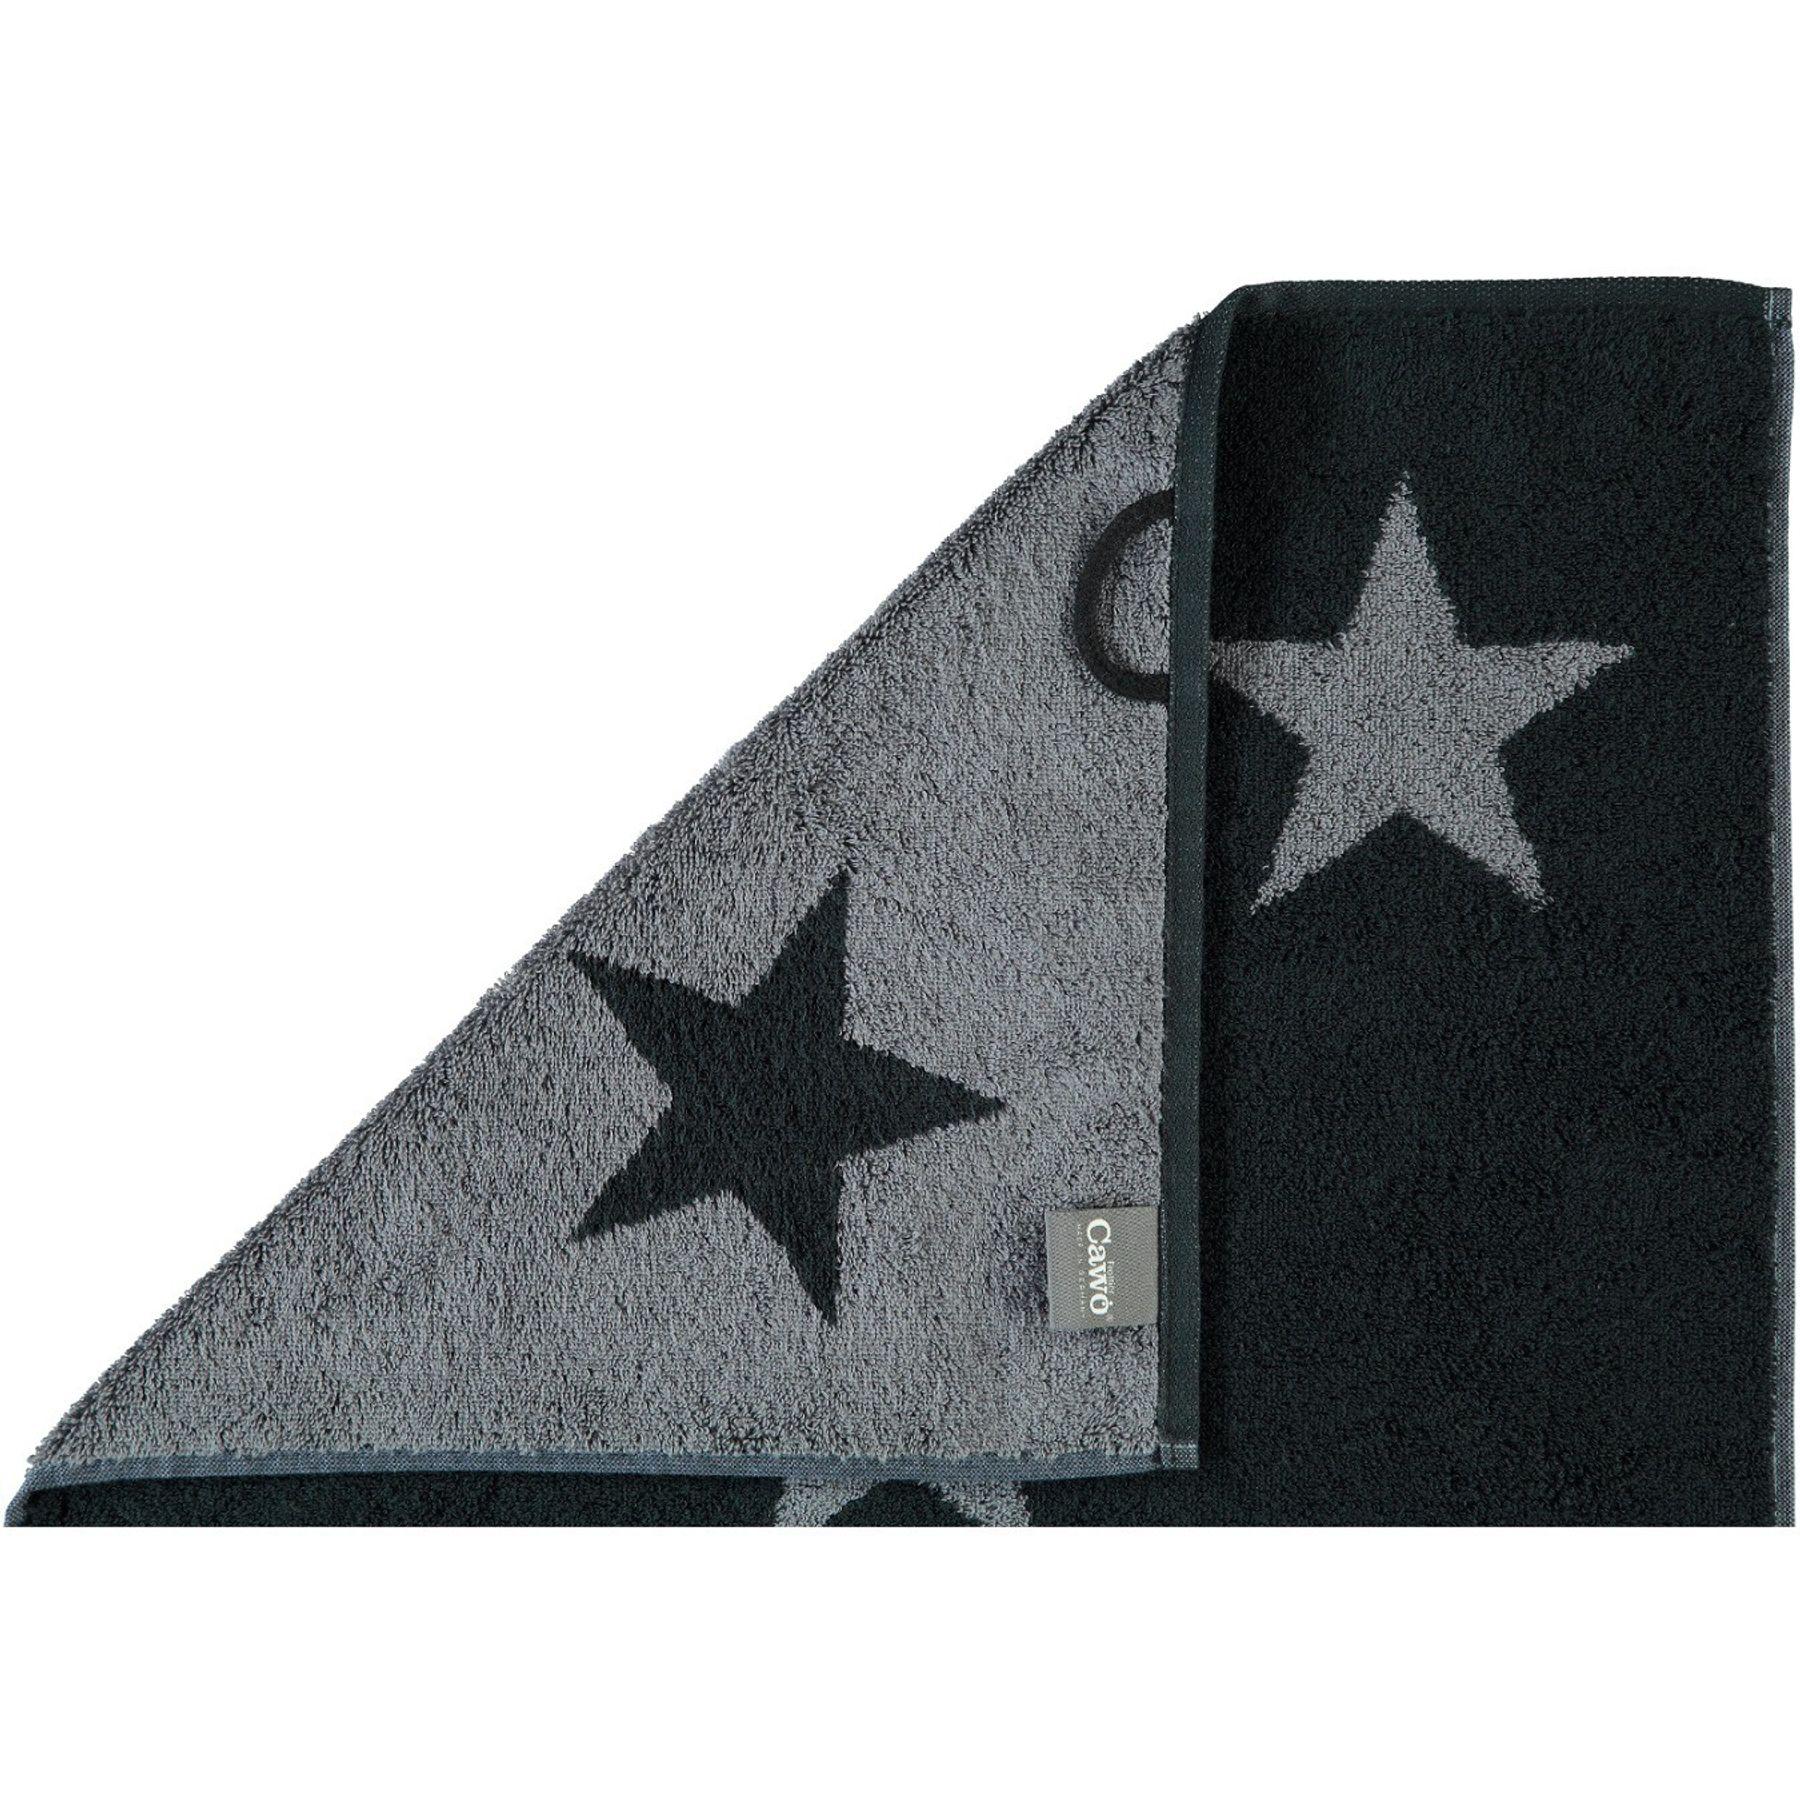 Cawö - Frottier Tuch mit Sternen Muster in verschiedenen Farben und Größen (524) – Bild 6